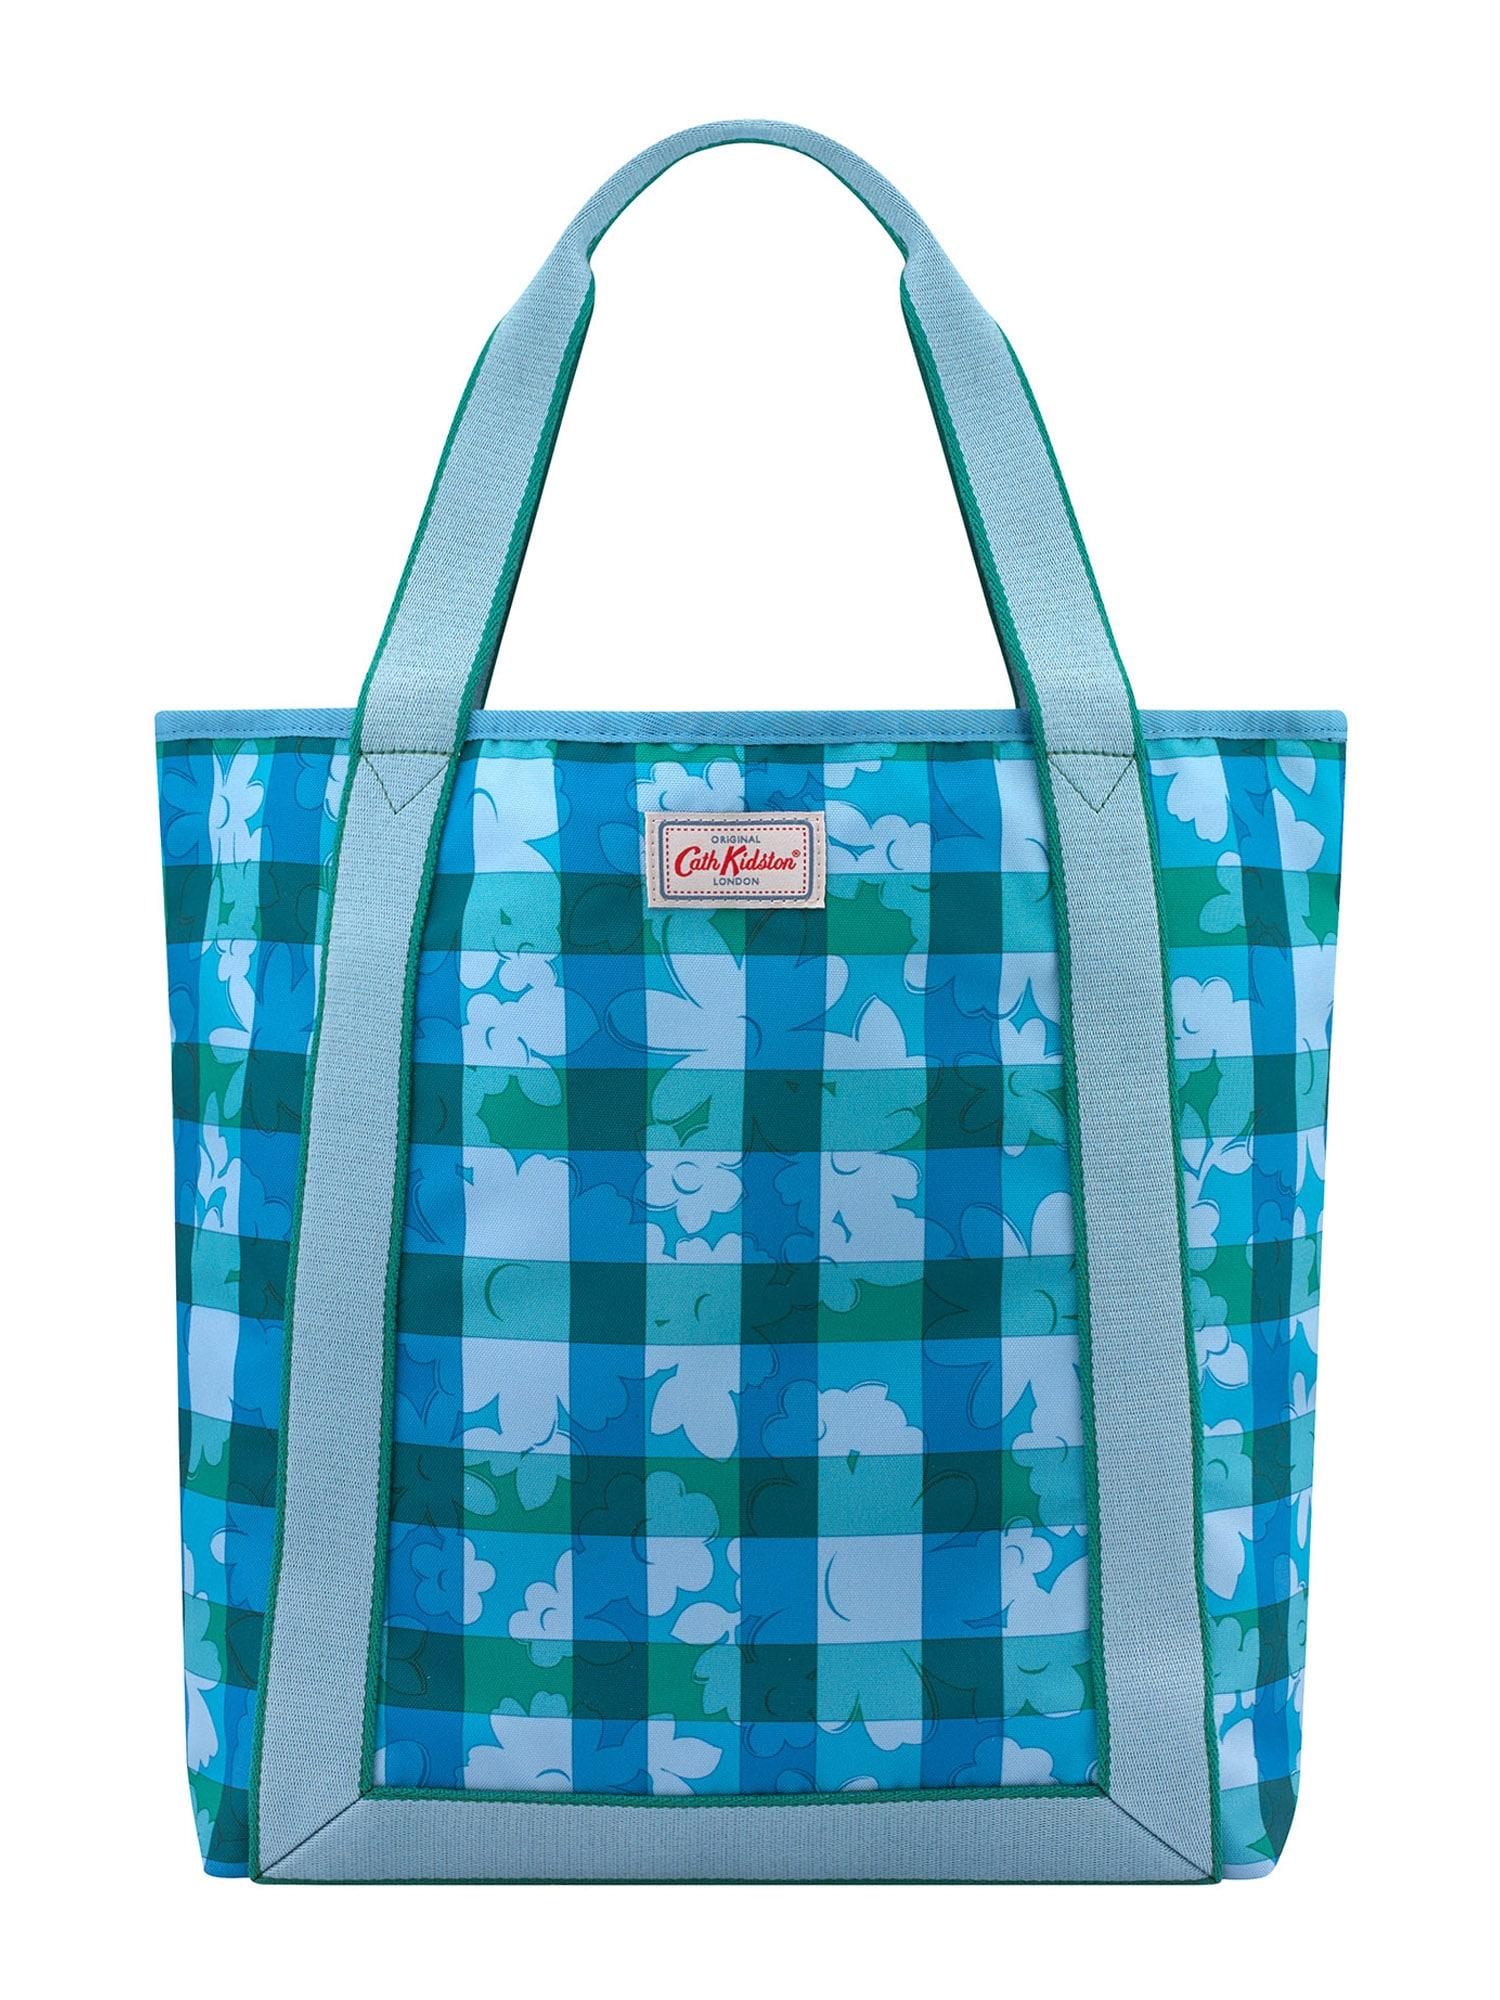 Cath Kidston Pirkinių krepšys dangaus žydra / nakties mėlyna / žalia / nefrito spalva / pilka